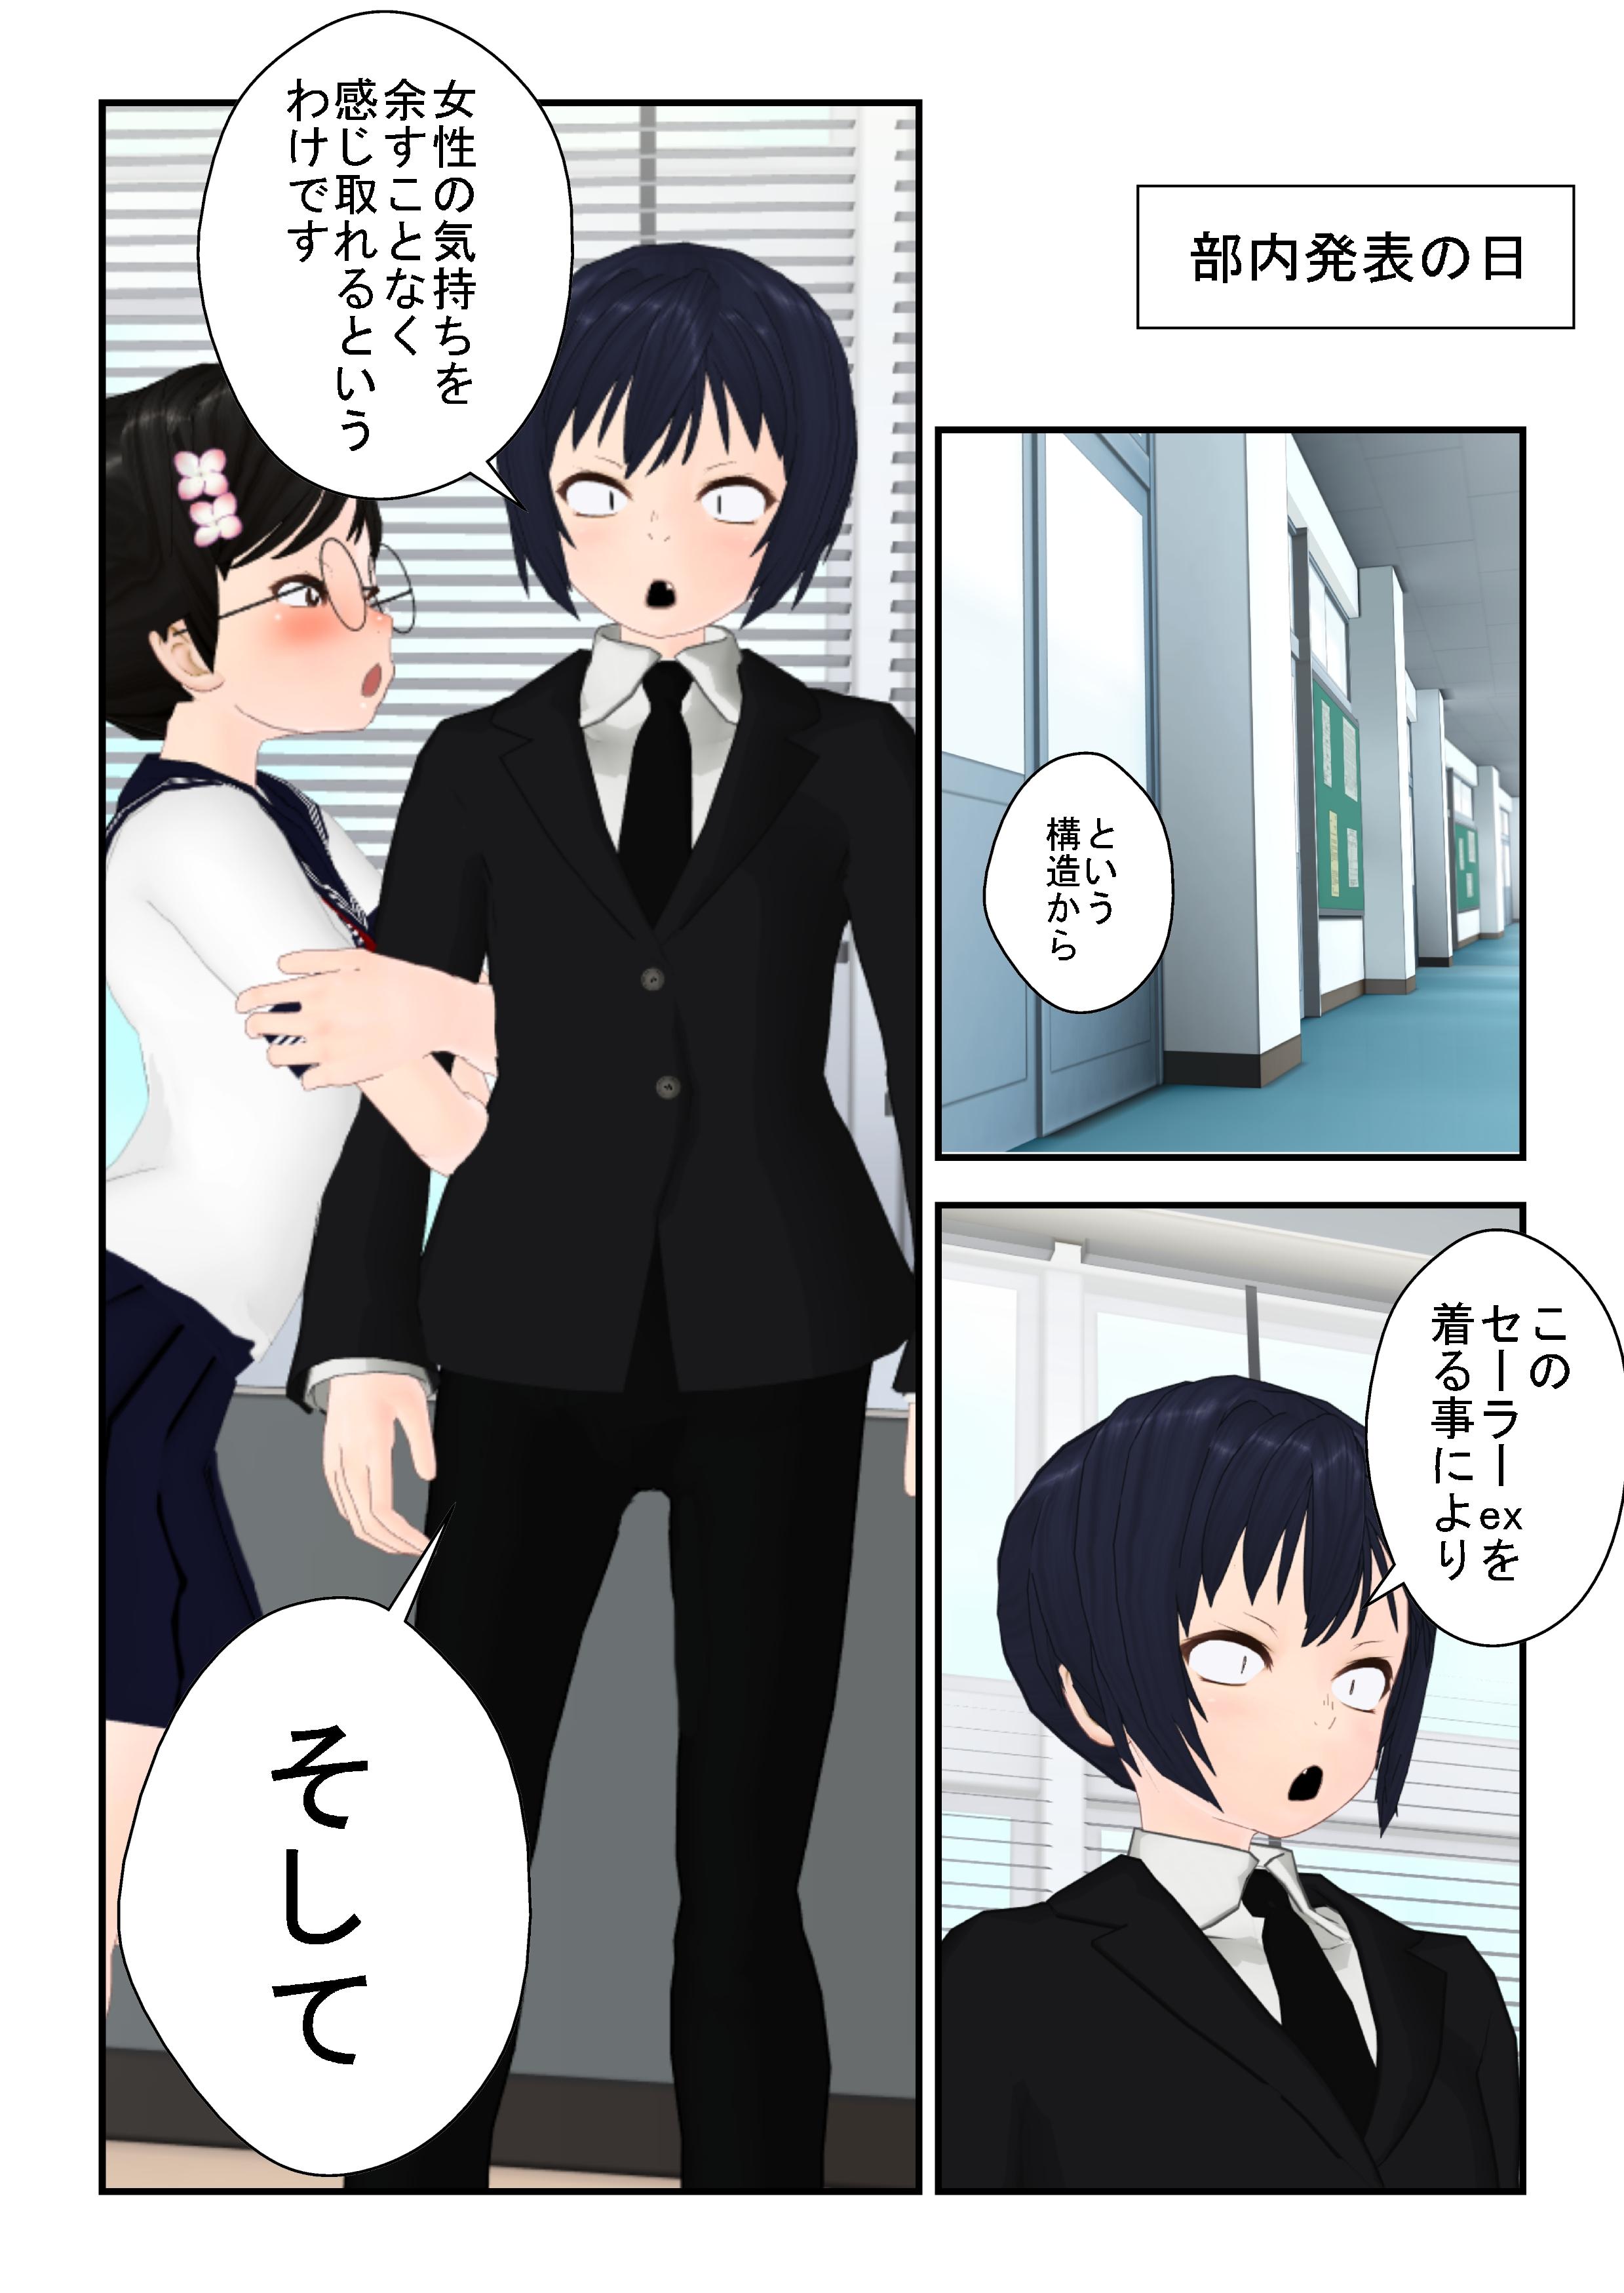 kimochi_0019.jpg